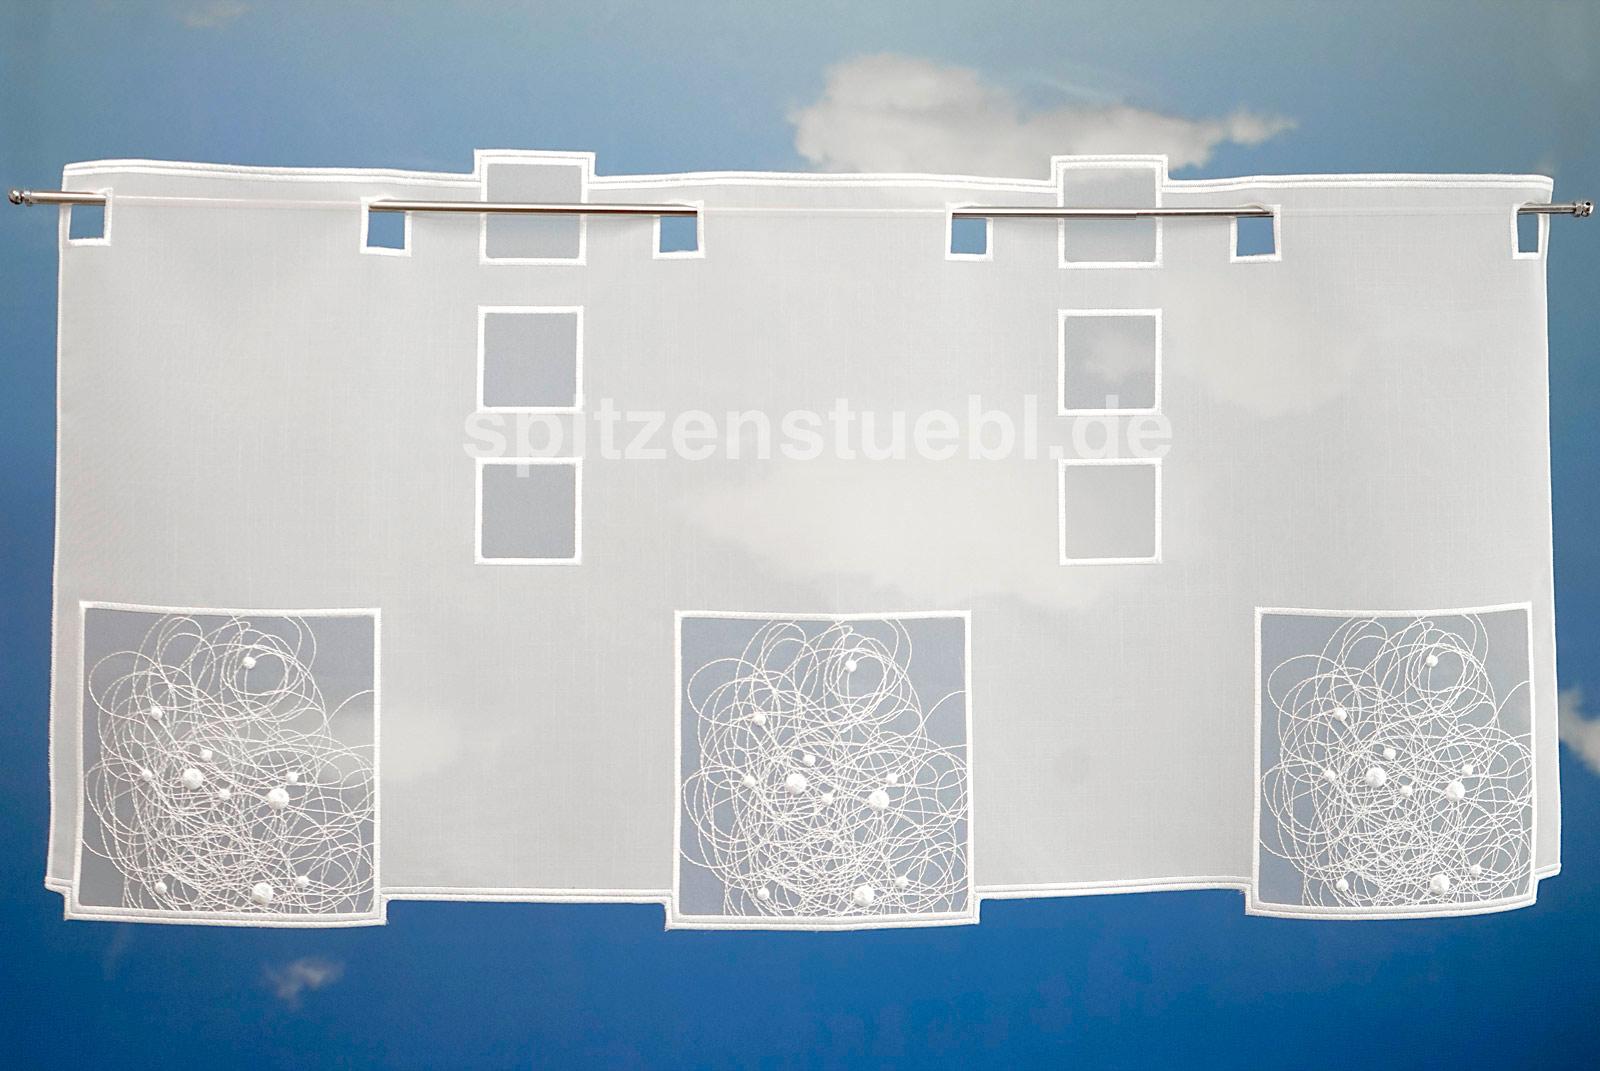 Full Size of Moderne Kurzgardinen Schneeballspitze Plauener Spitze Scheibengardinen Esstische Bett Modern Design Modernes Sofa Deckenleuchte Wohnzimmer Bilder 180x200 Fürs Wohnzimmer Küchengardinen Modern